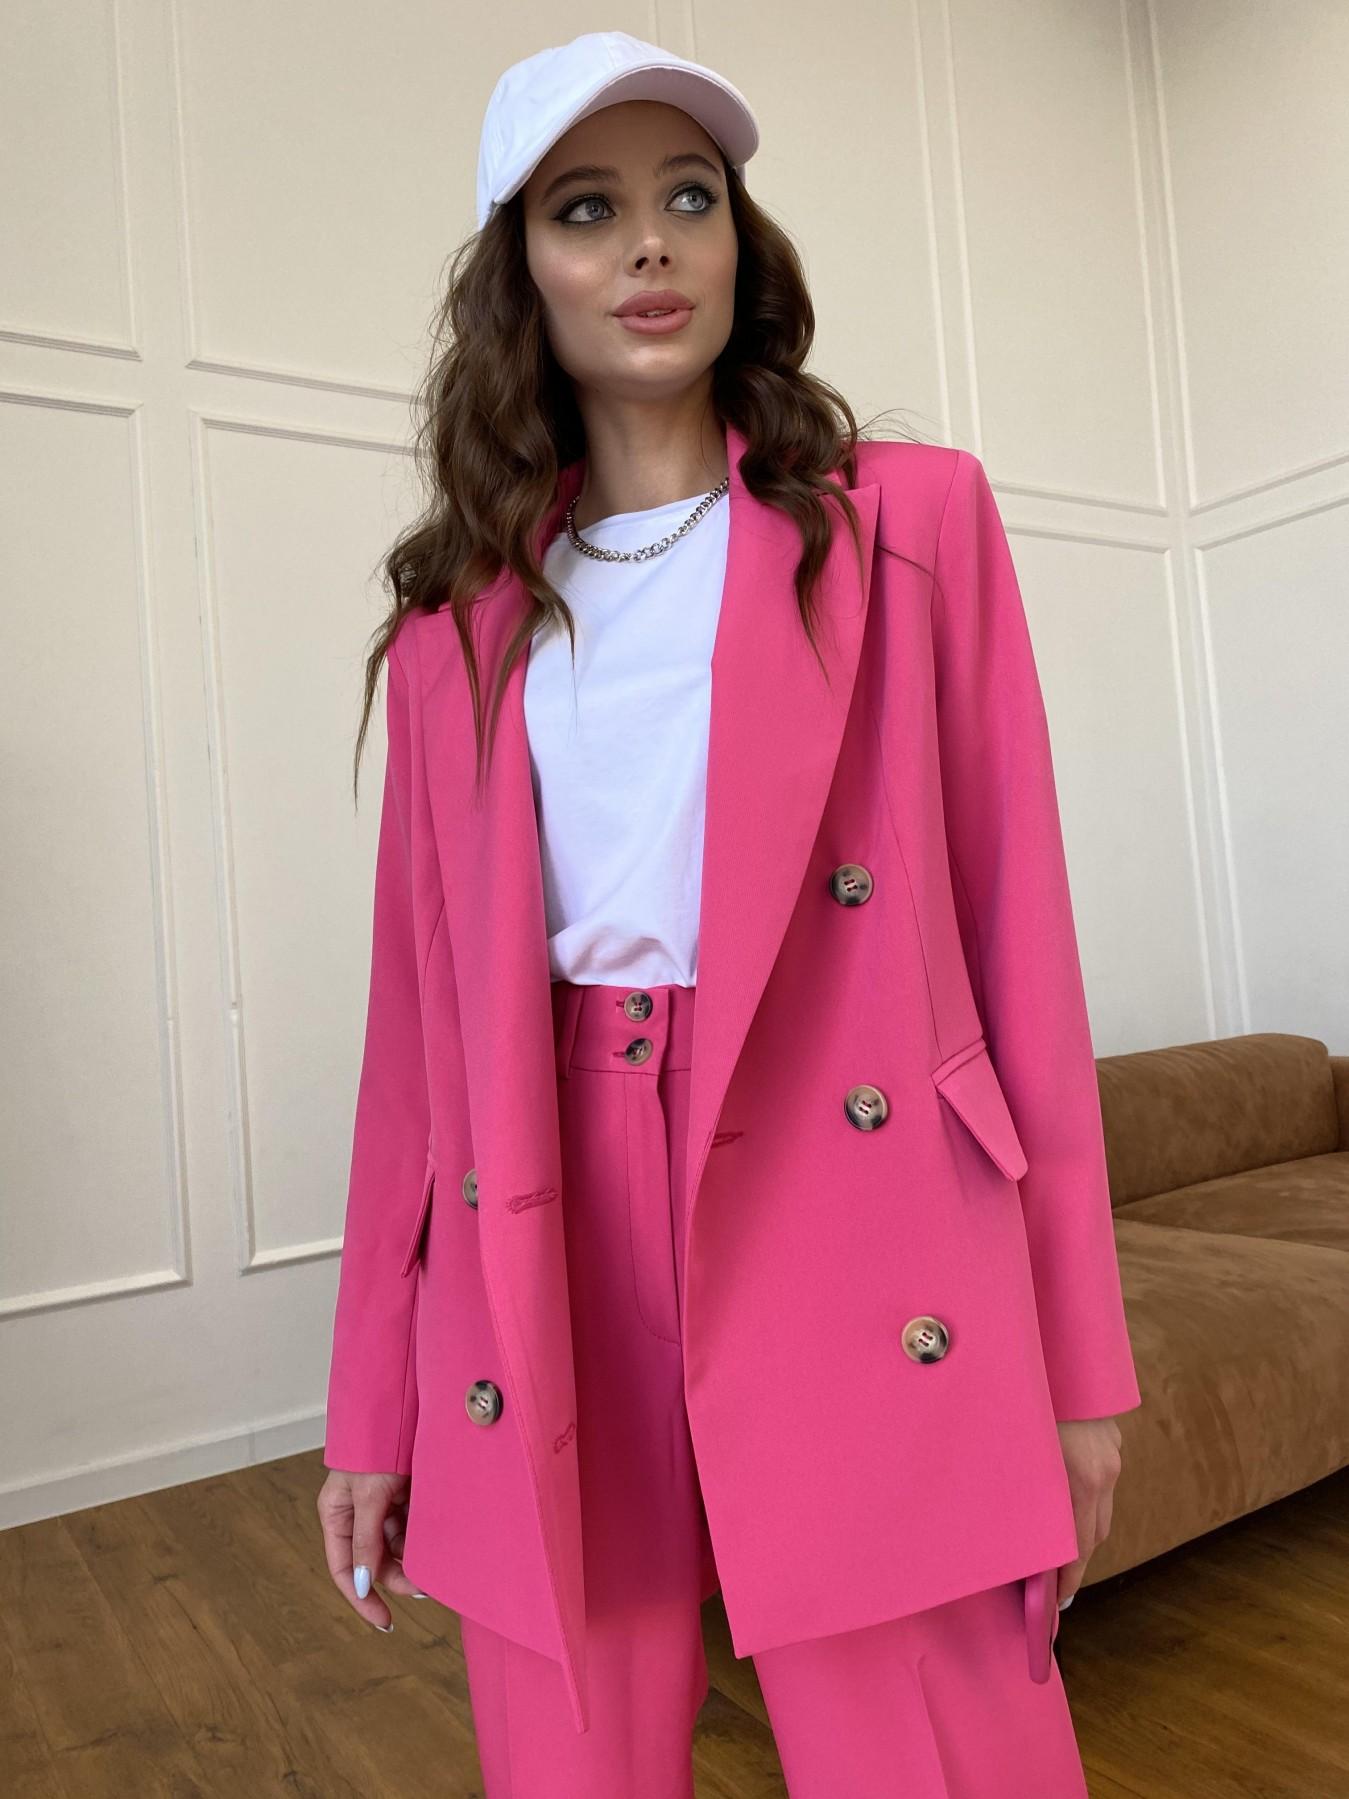 Белисимо  костюм стрейч из костюмной ткани 11217 АРТ. 47720 Цвет: Малиновый - фото 7, интернет магазин tm-modus.ru